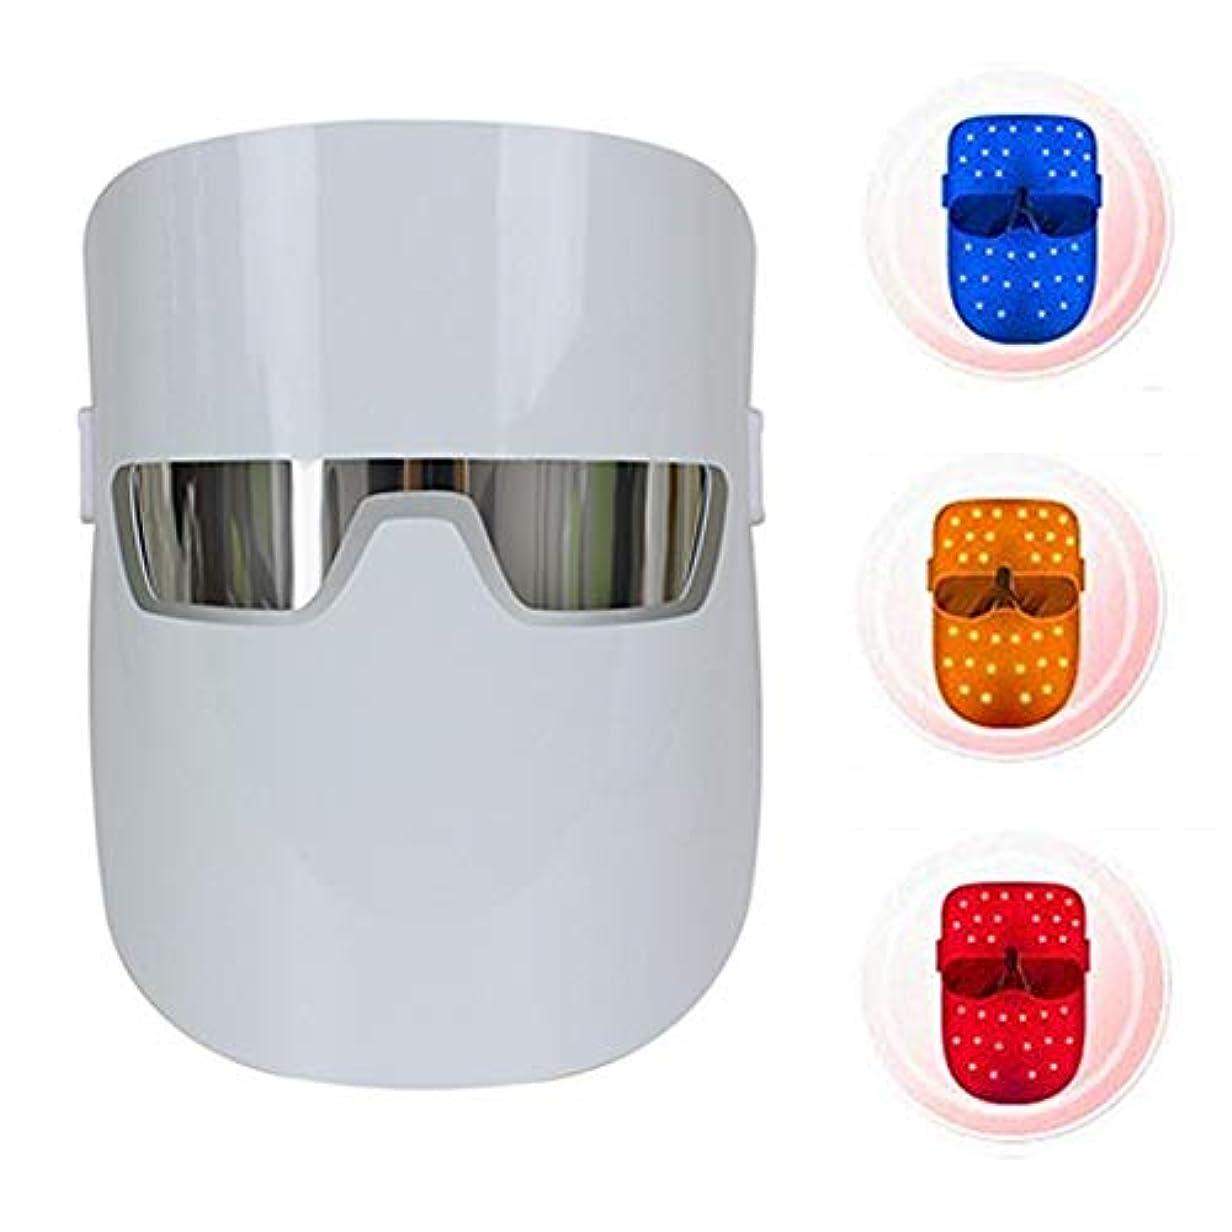 群れバーベキュー除外する美容ライトセラピーフェイスマスク分光器の肌の若返りセラピー明るくしわホワイトニングスキン,2